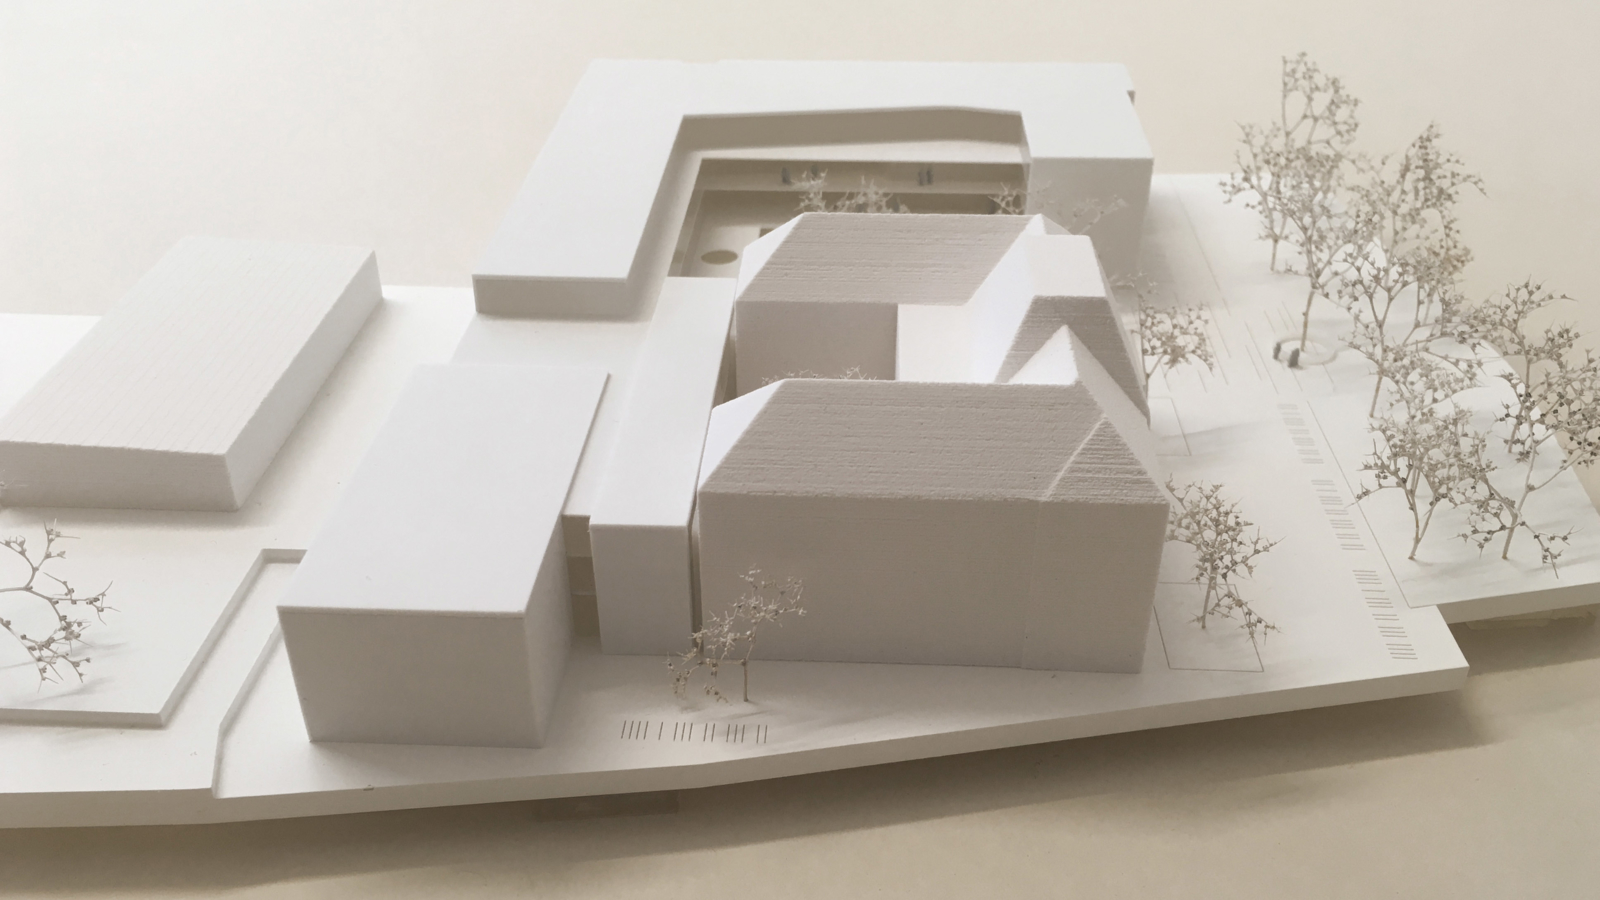 WETTBEWERB Schule der Zukunft Feldbach Modell02